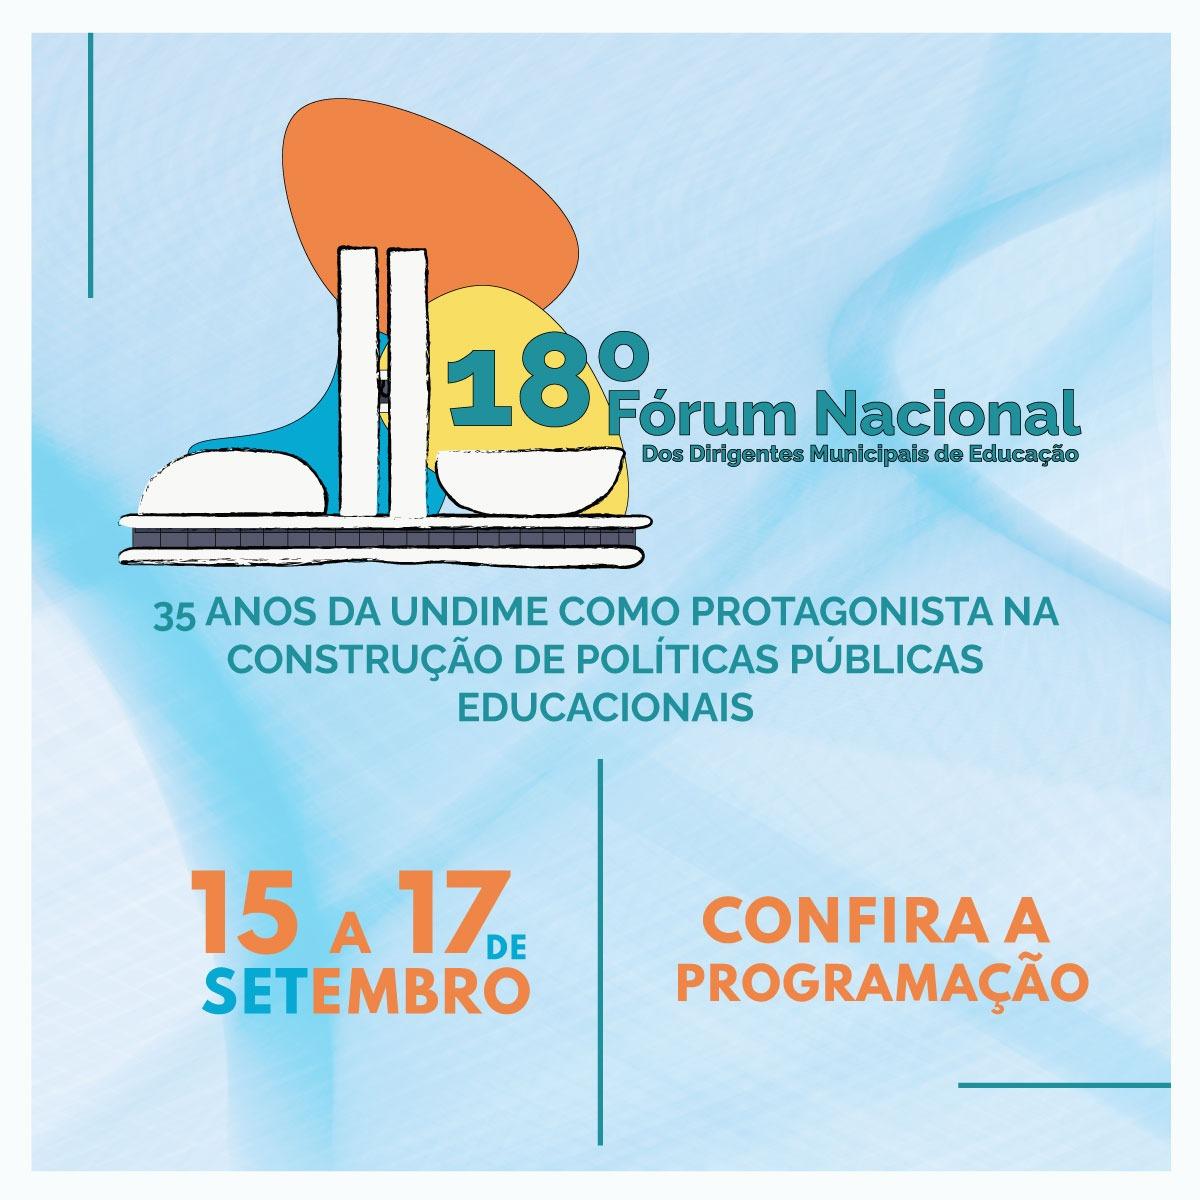 Confira os detalhes da programação do 18º Fórum Nacional da Undime